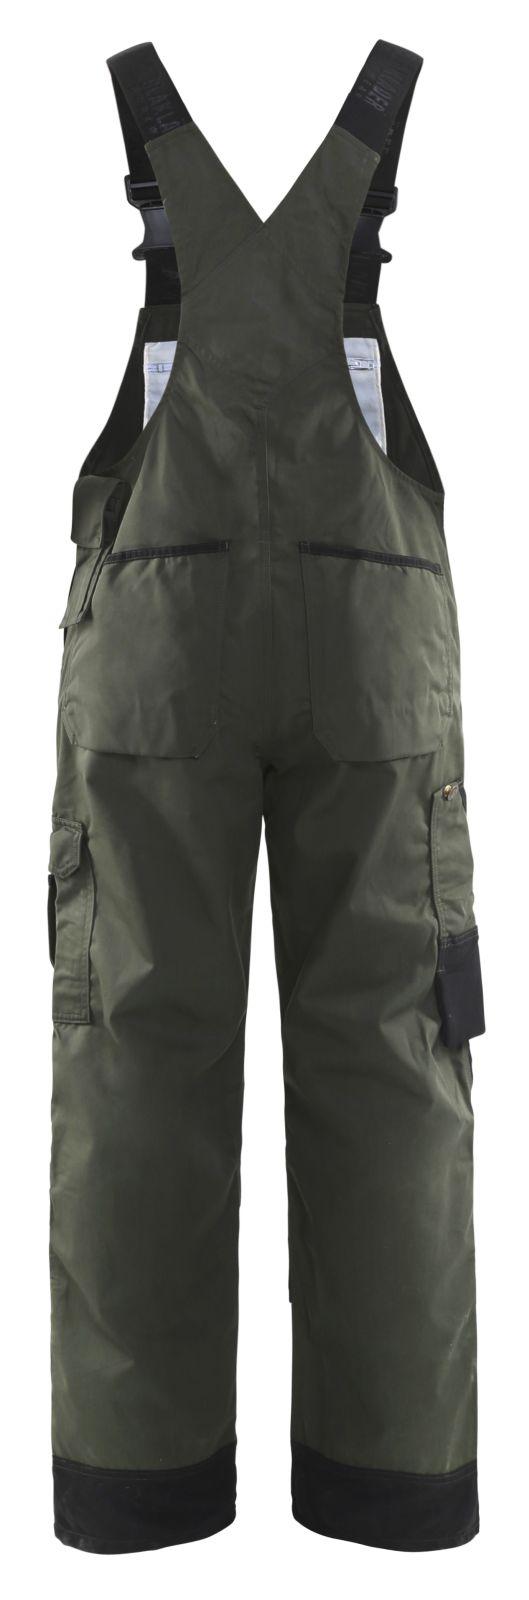 Blaklader Tuin Amerikaanse overalls 26541835 army groen-zwart(4699)